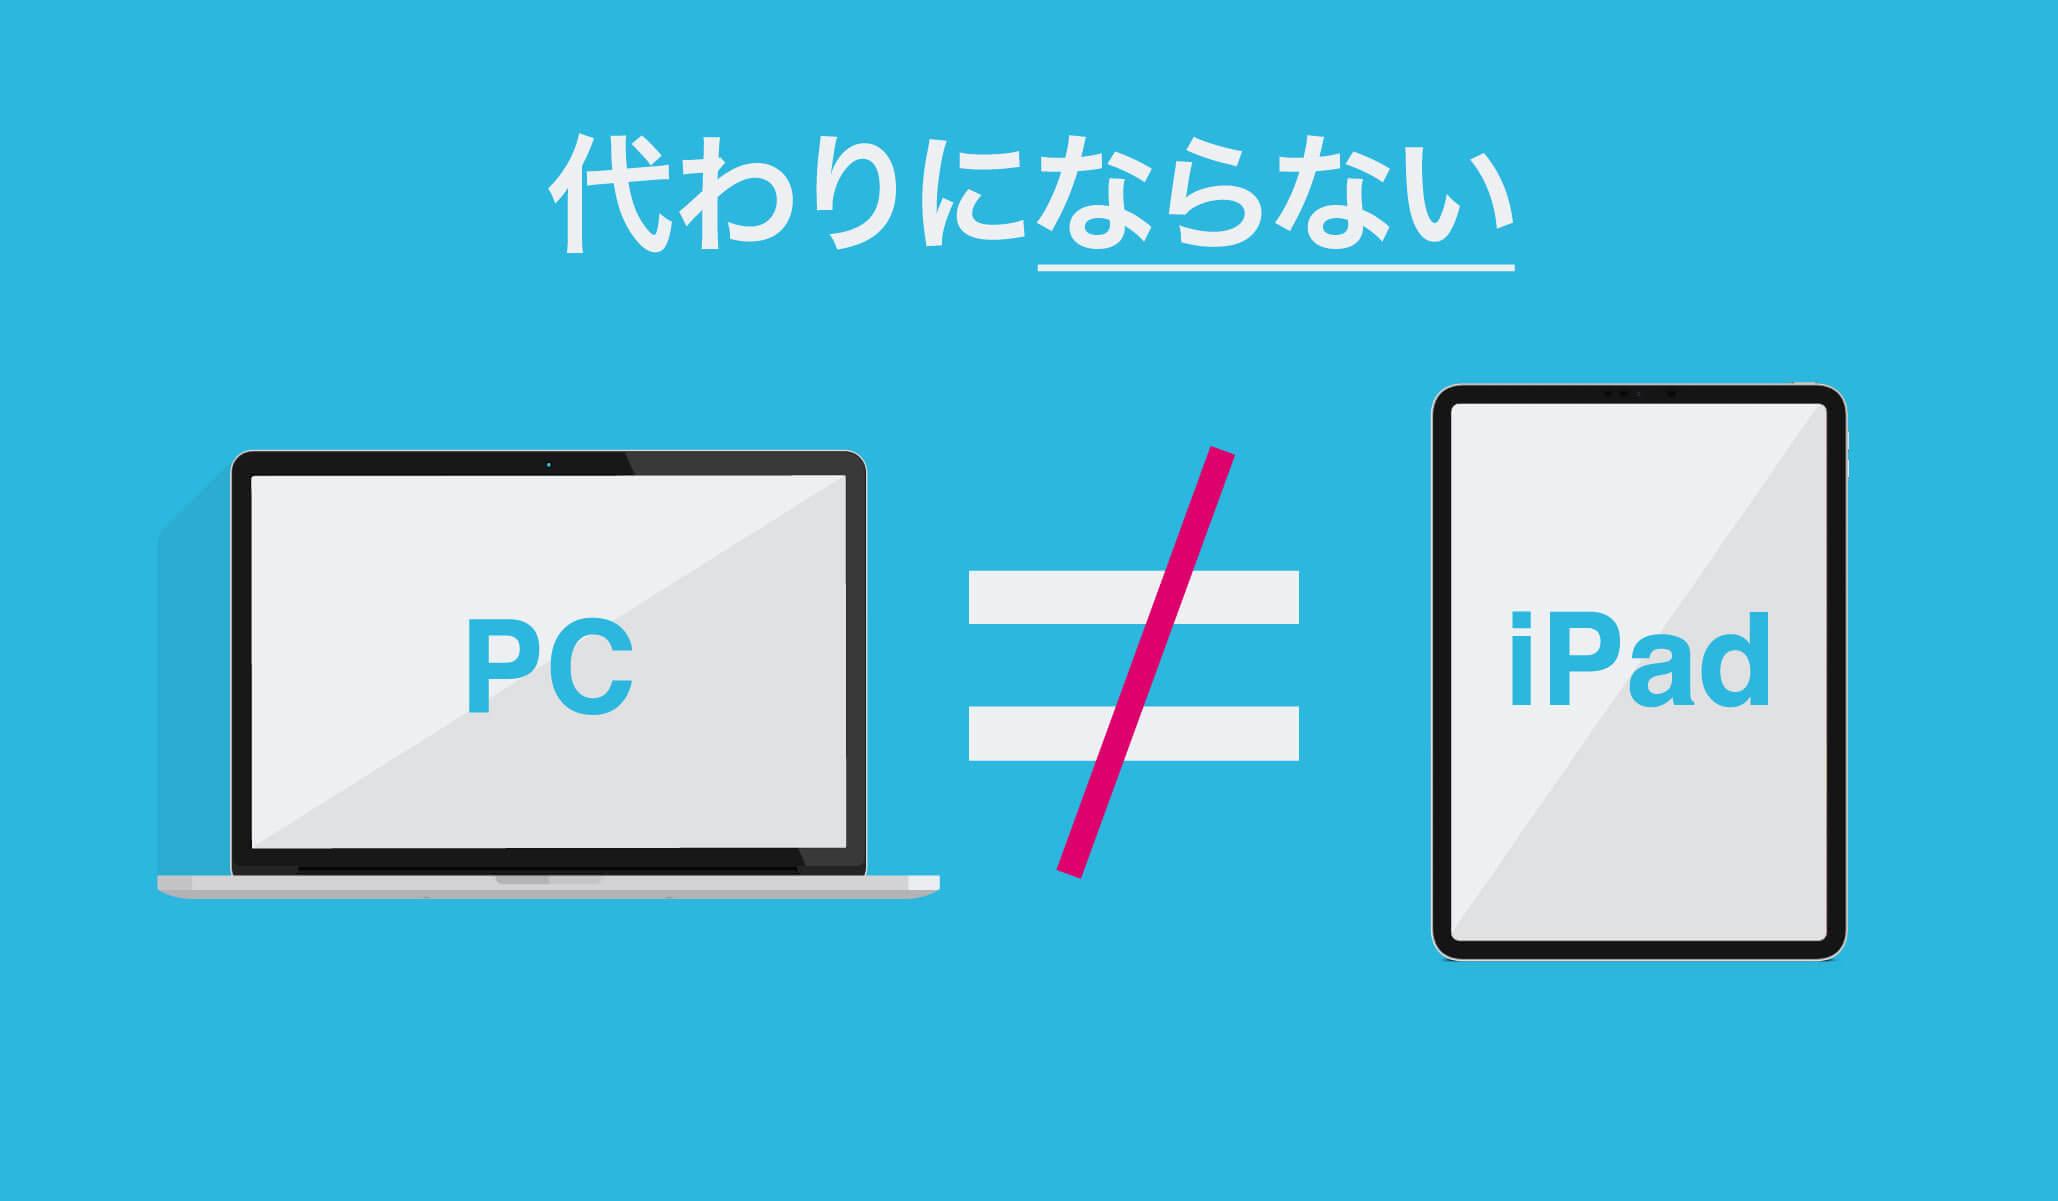 iPadはパソコンの代わりにならない